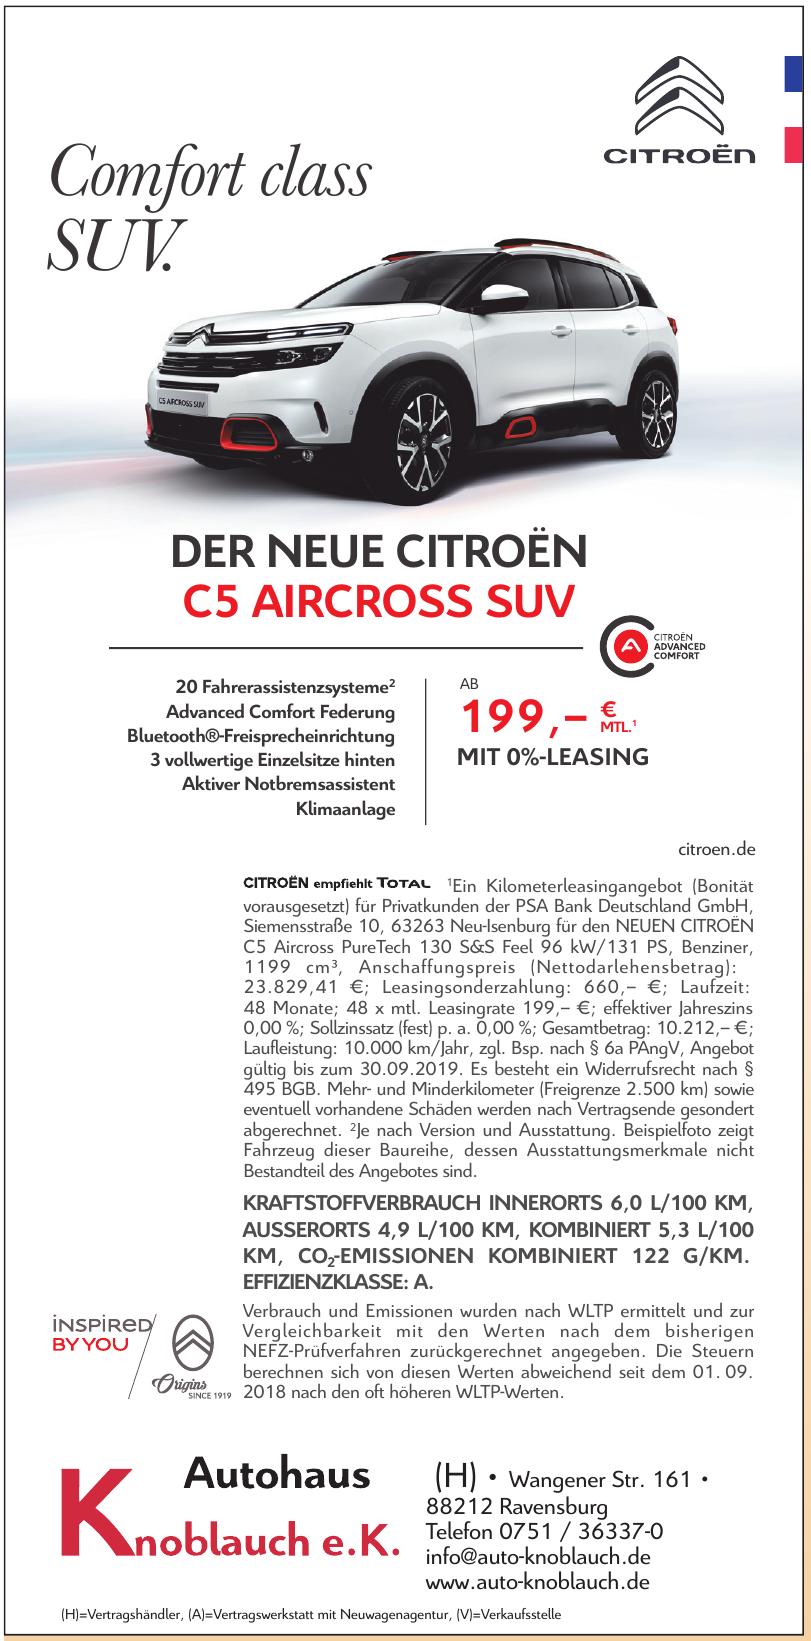 Autohaus Knoblauch e.K.